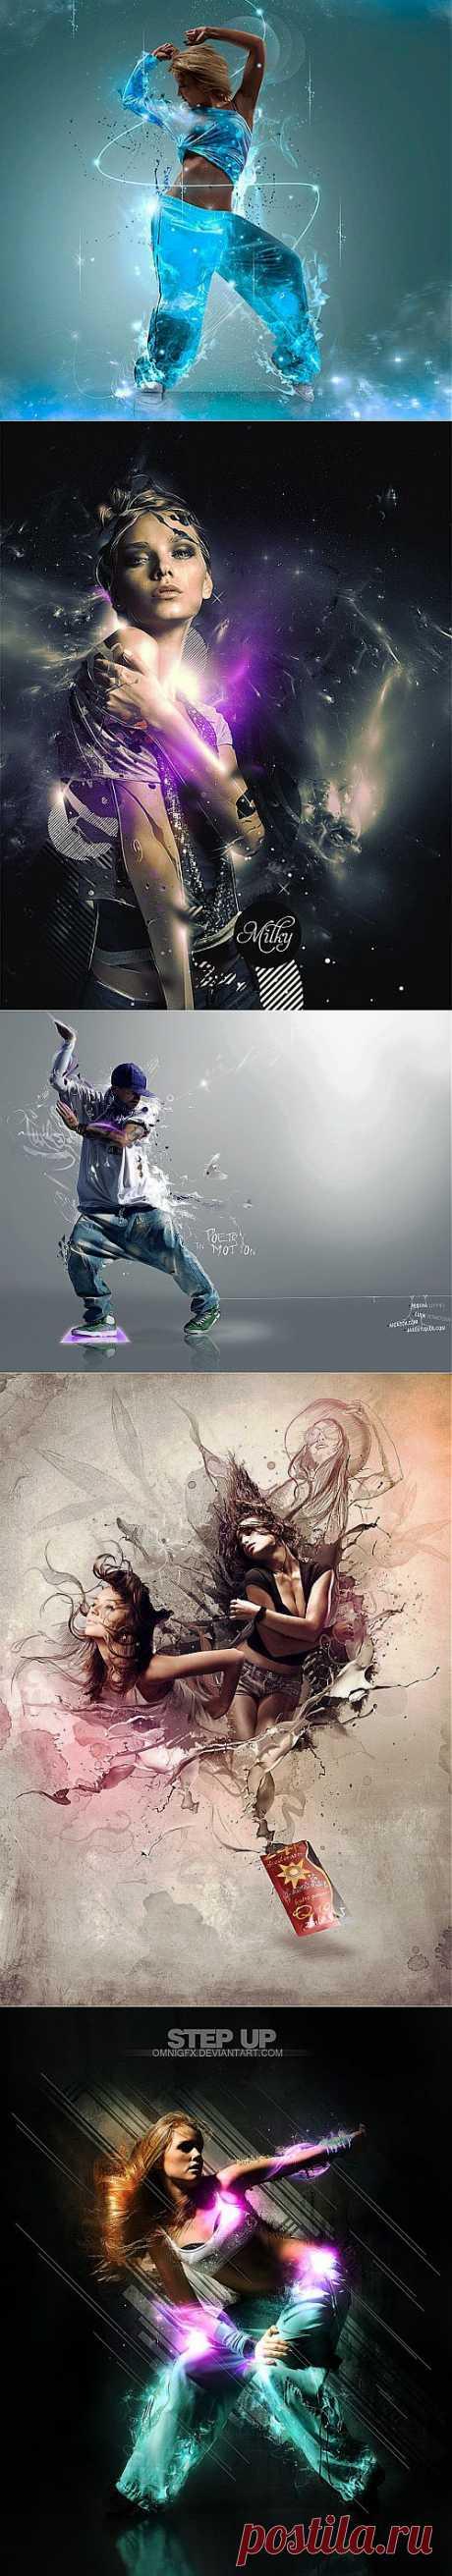 Красивые картинки для вдохновения — третий выпуск | Мир графики и дизайна